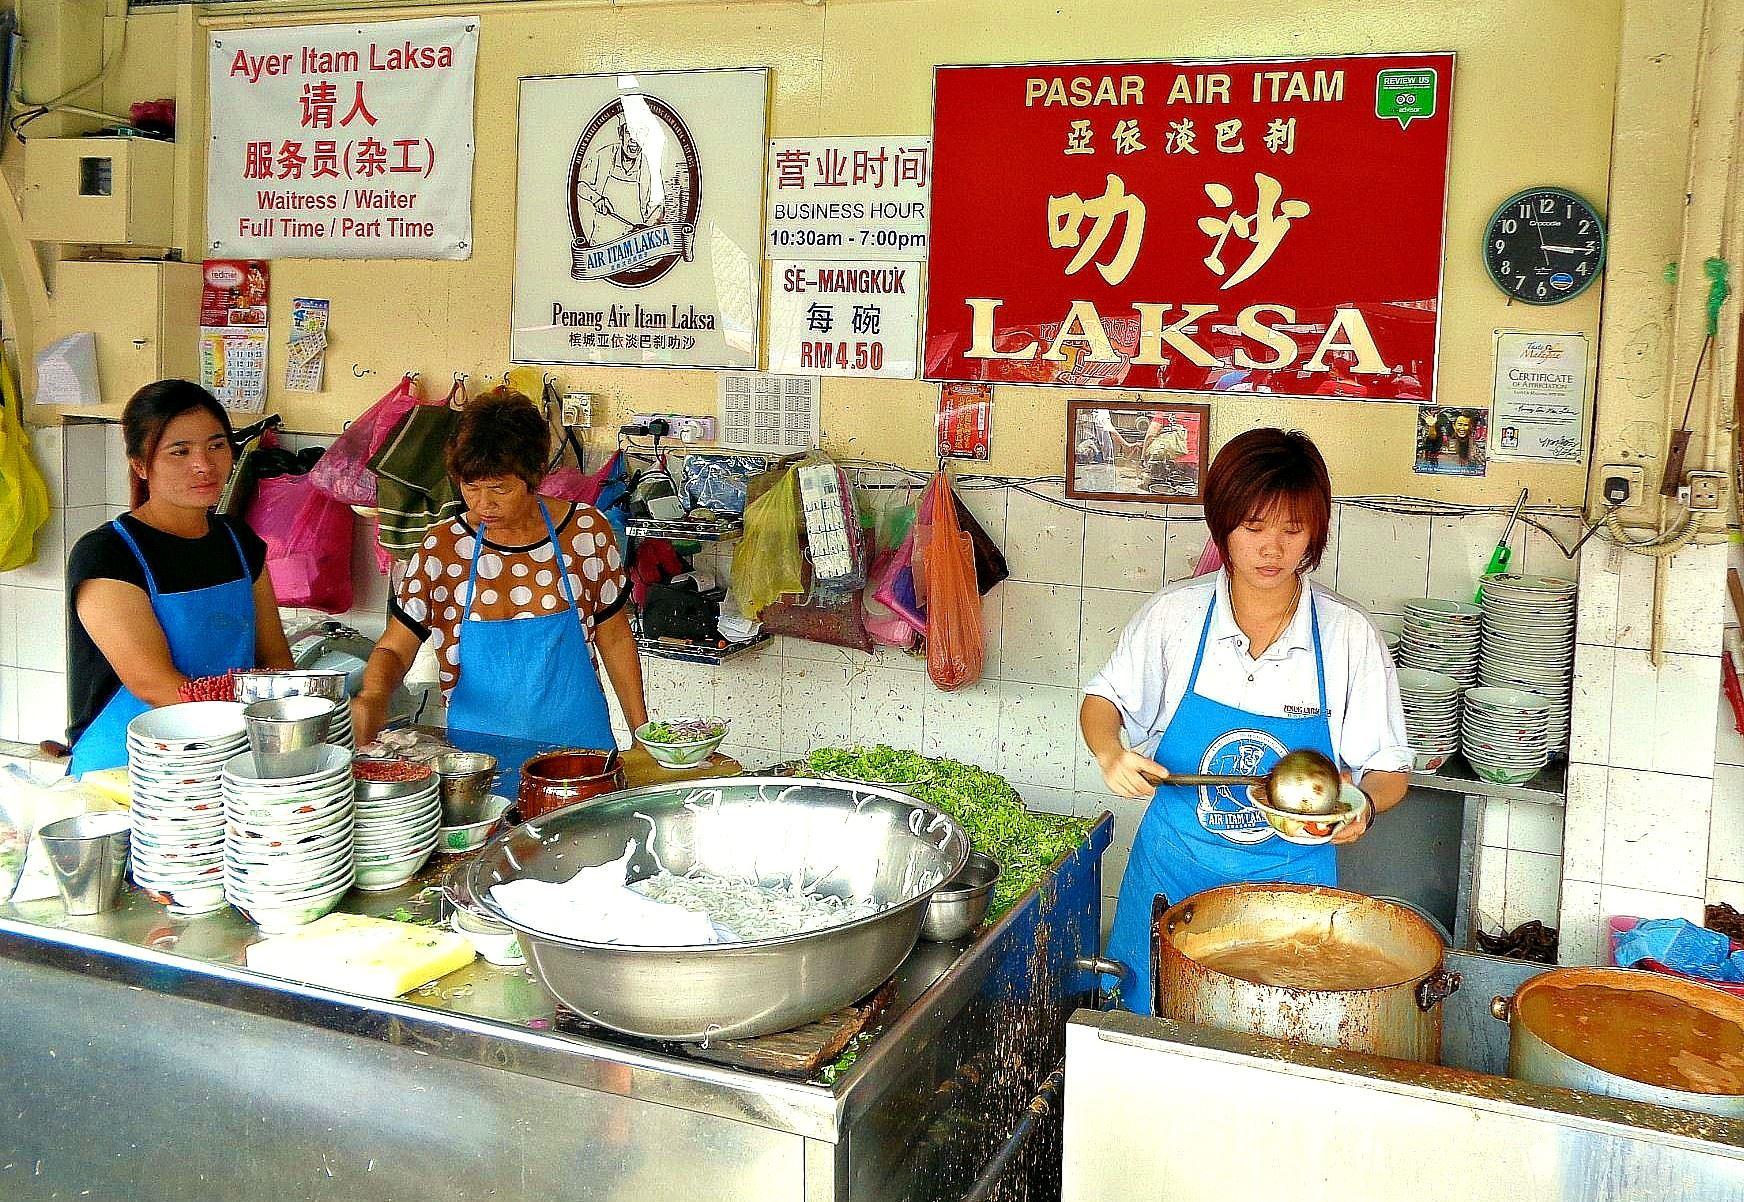 槟城66年历史的著名laksa档宣布停业,顾客依依不舍!